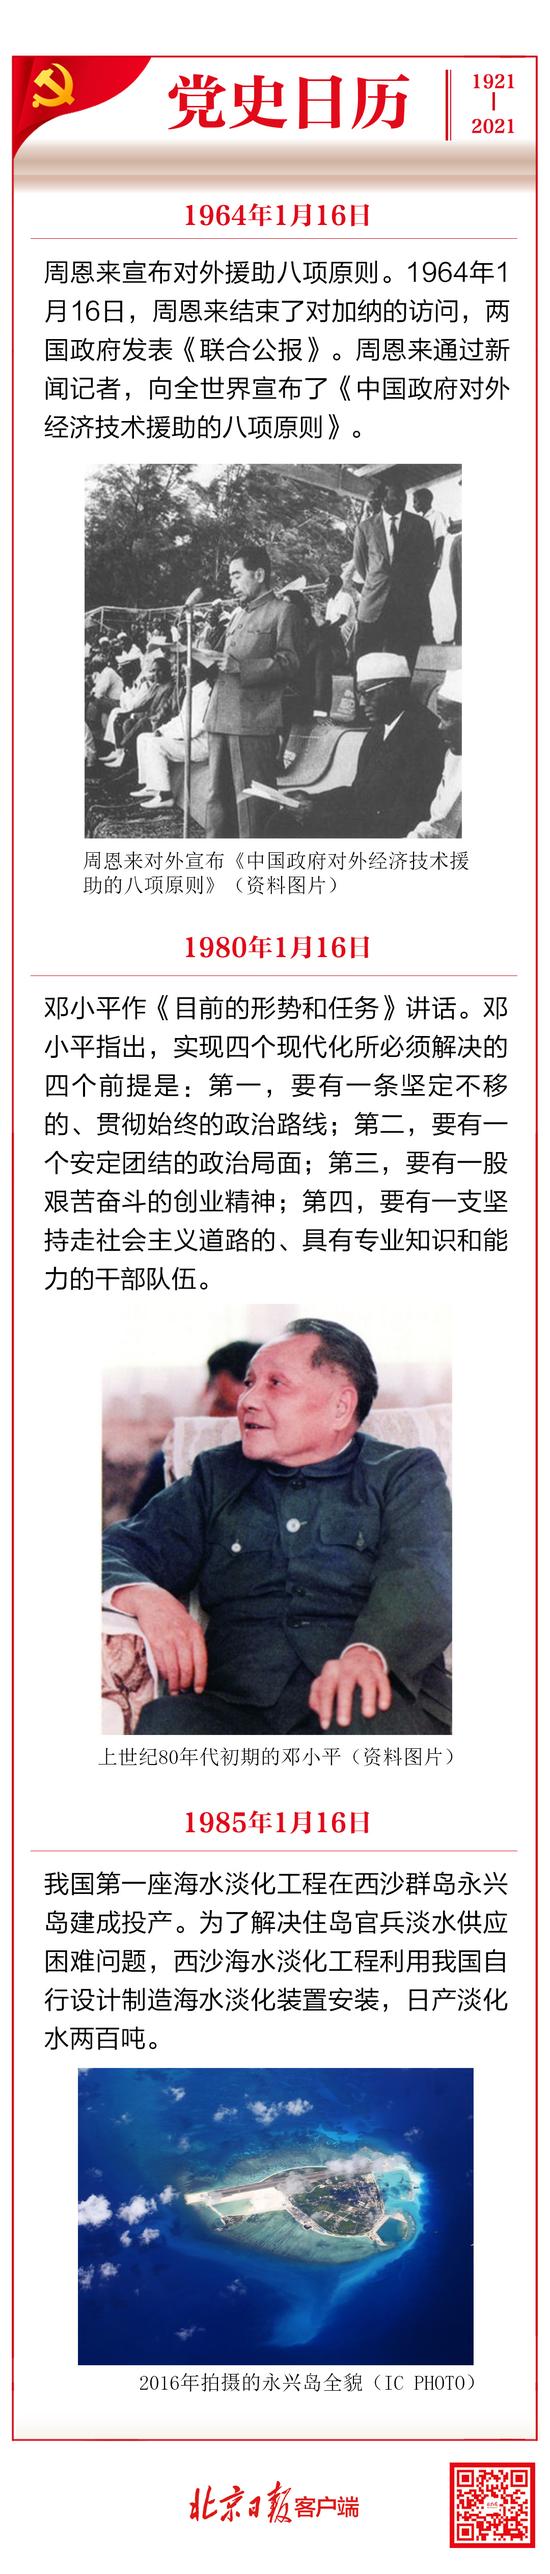 党史日历 邓小平指出实现四个现代化的前提图片